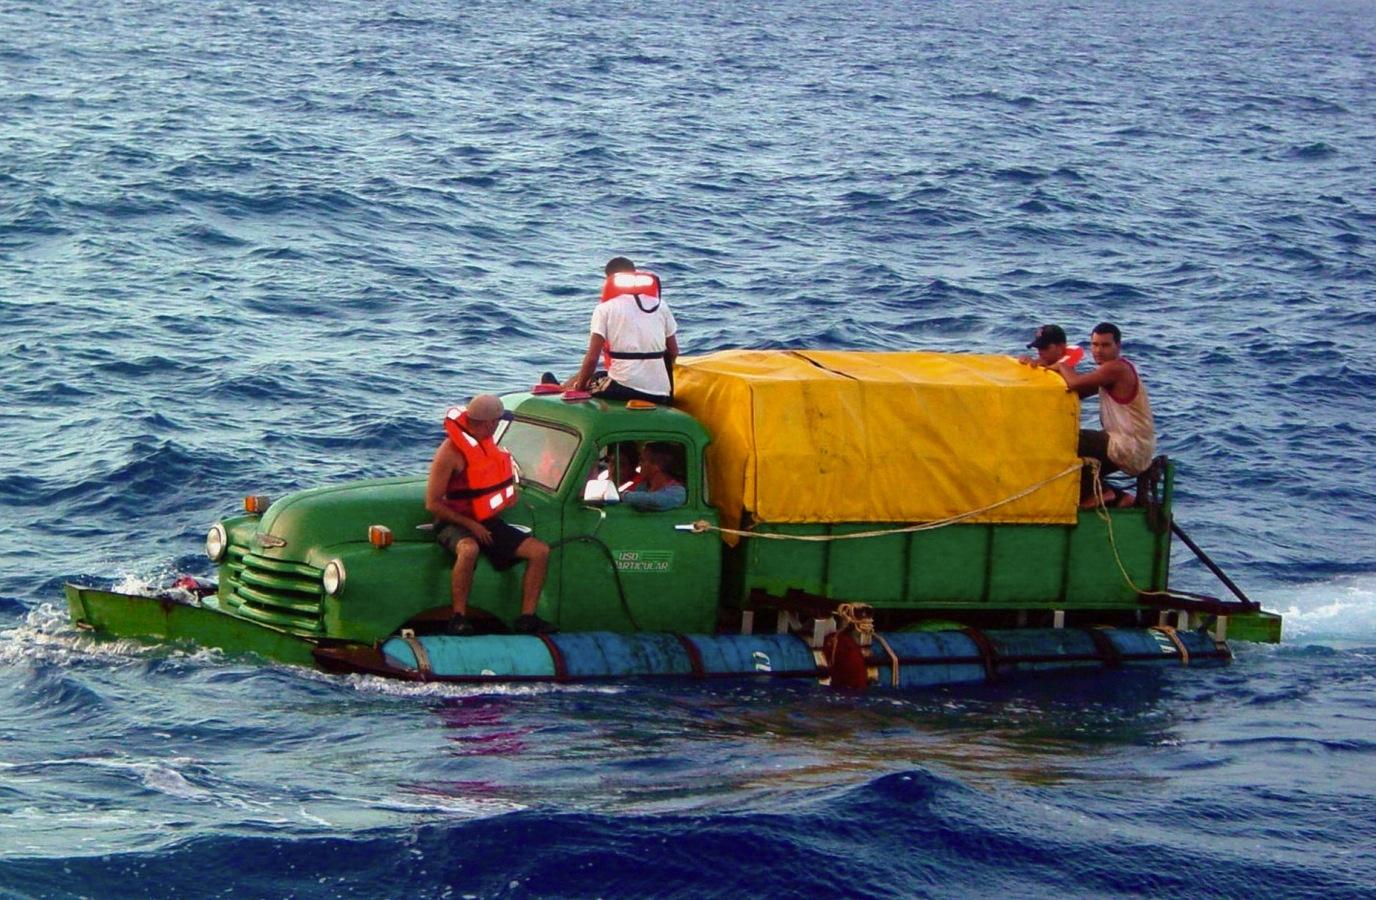 Dieser alte Chevy-Truck schwamm mal von Kuba Richtung Florida